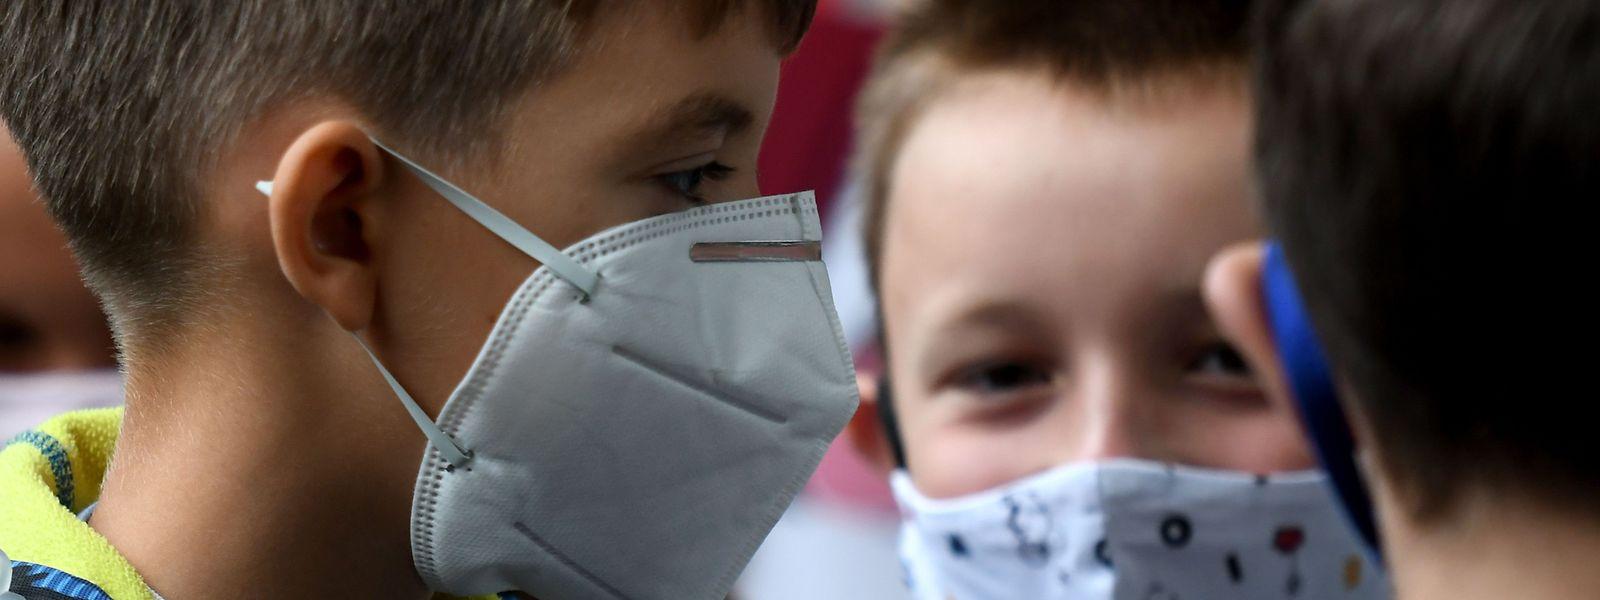 Ce syndrome inflammatoire multisystémique pédiatrique (MIS-C) touche des enfants entre 8 et 17 ans.